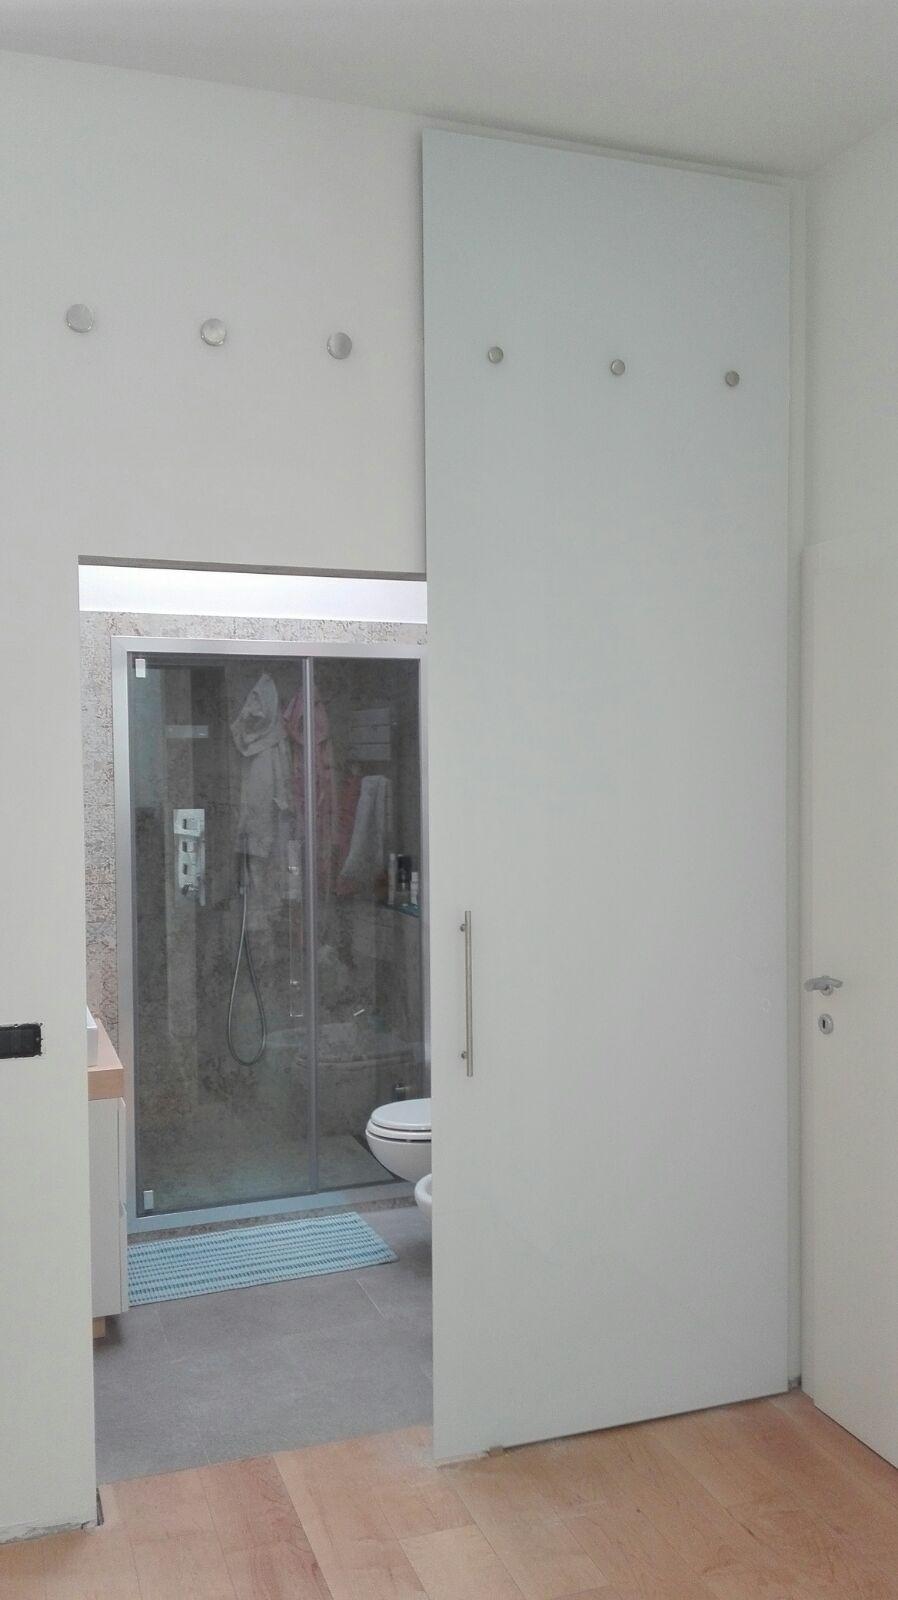 vetreria gottardi, porta temperata, porta scorrevole, porta in vetro, porta laccata, vetro